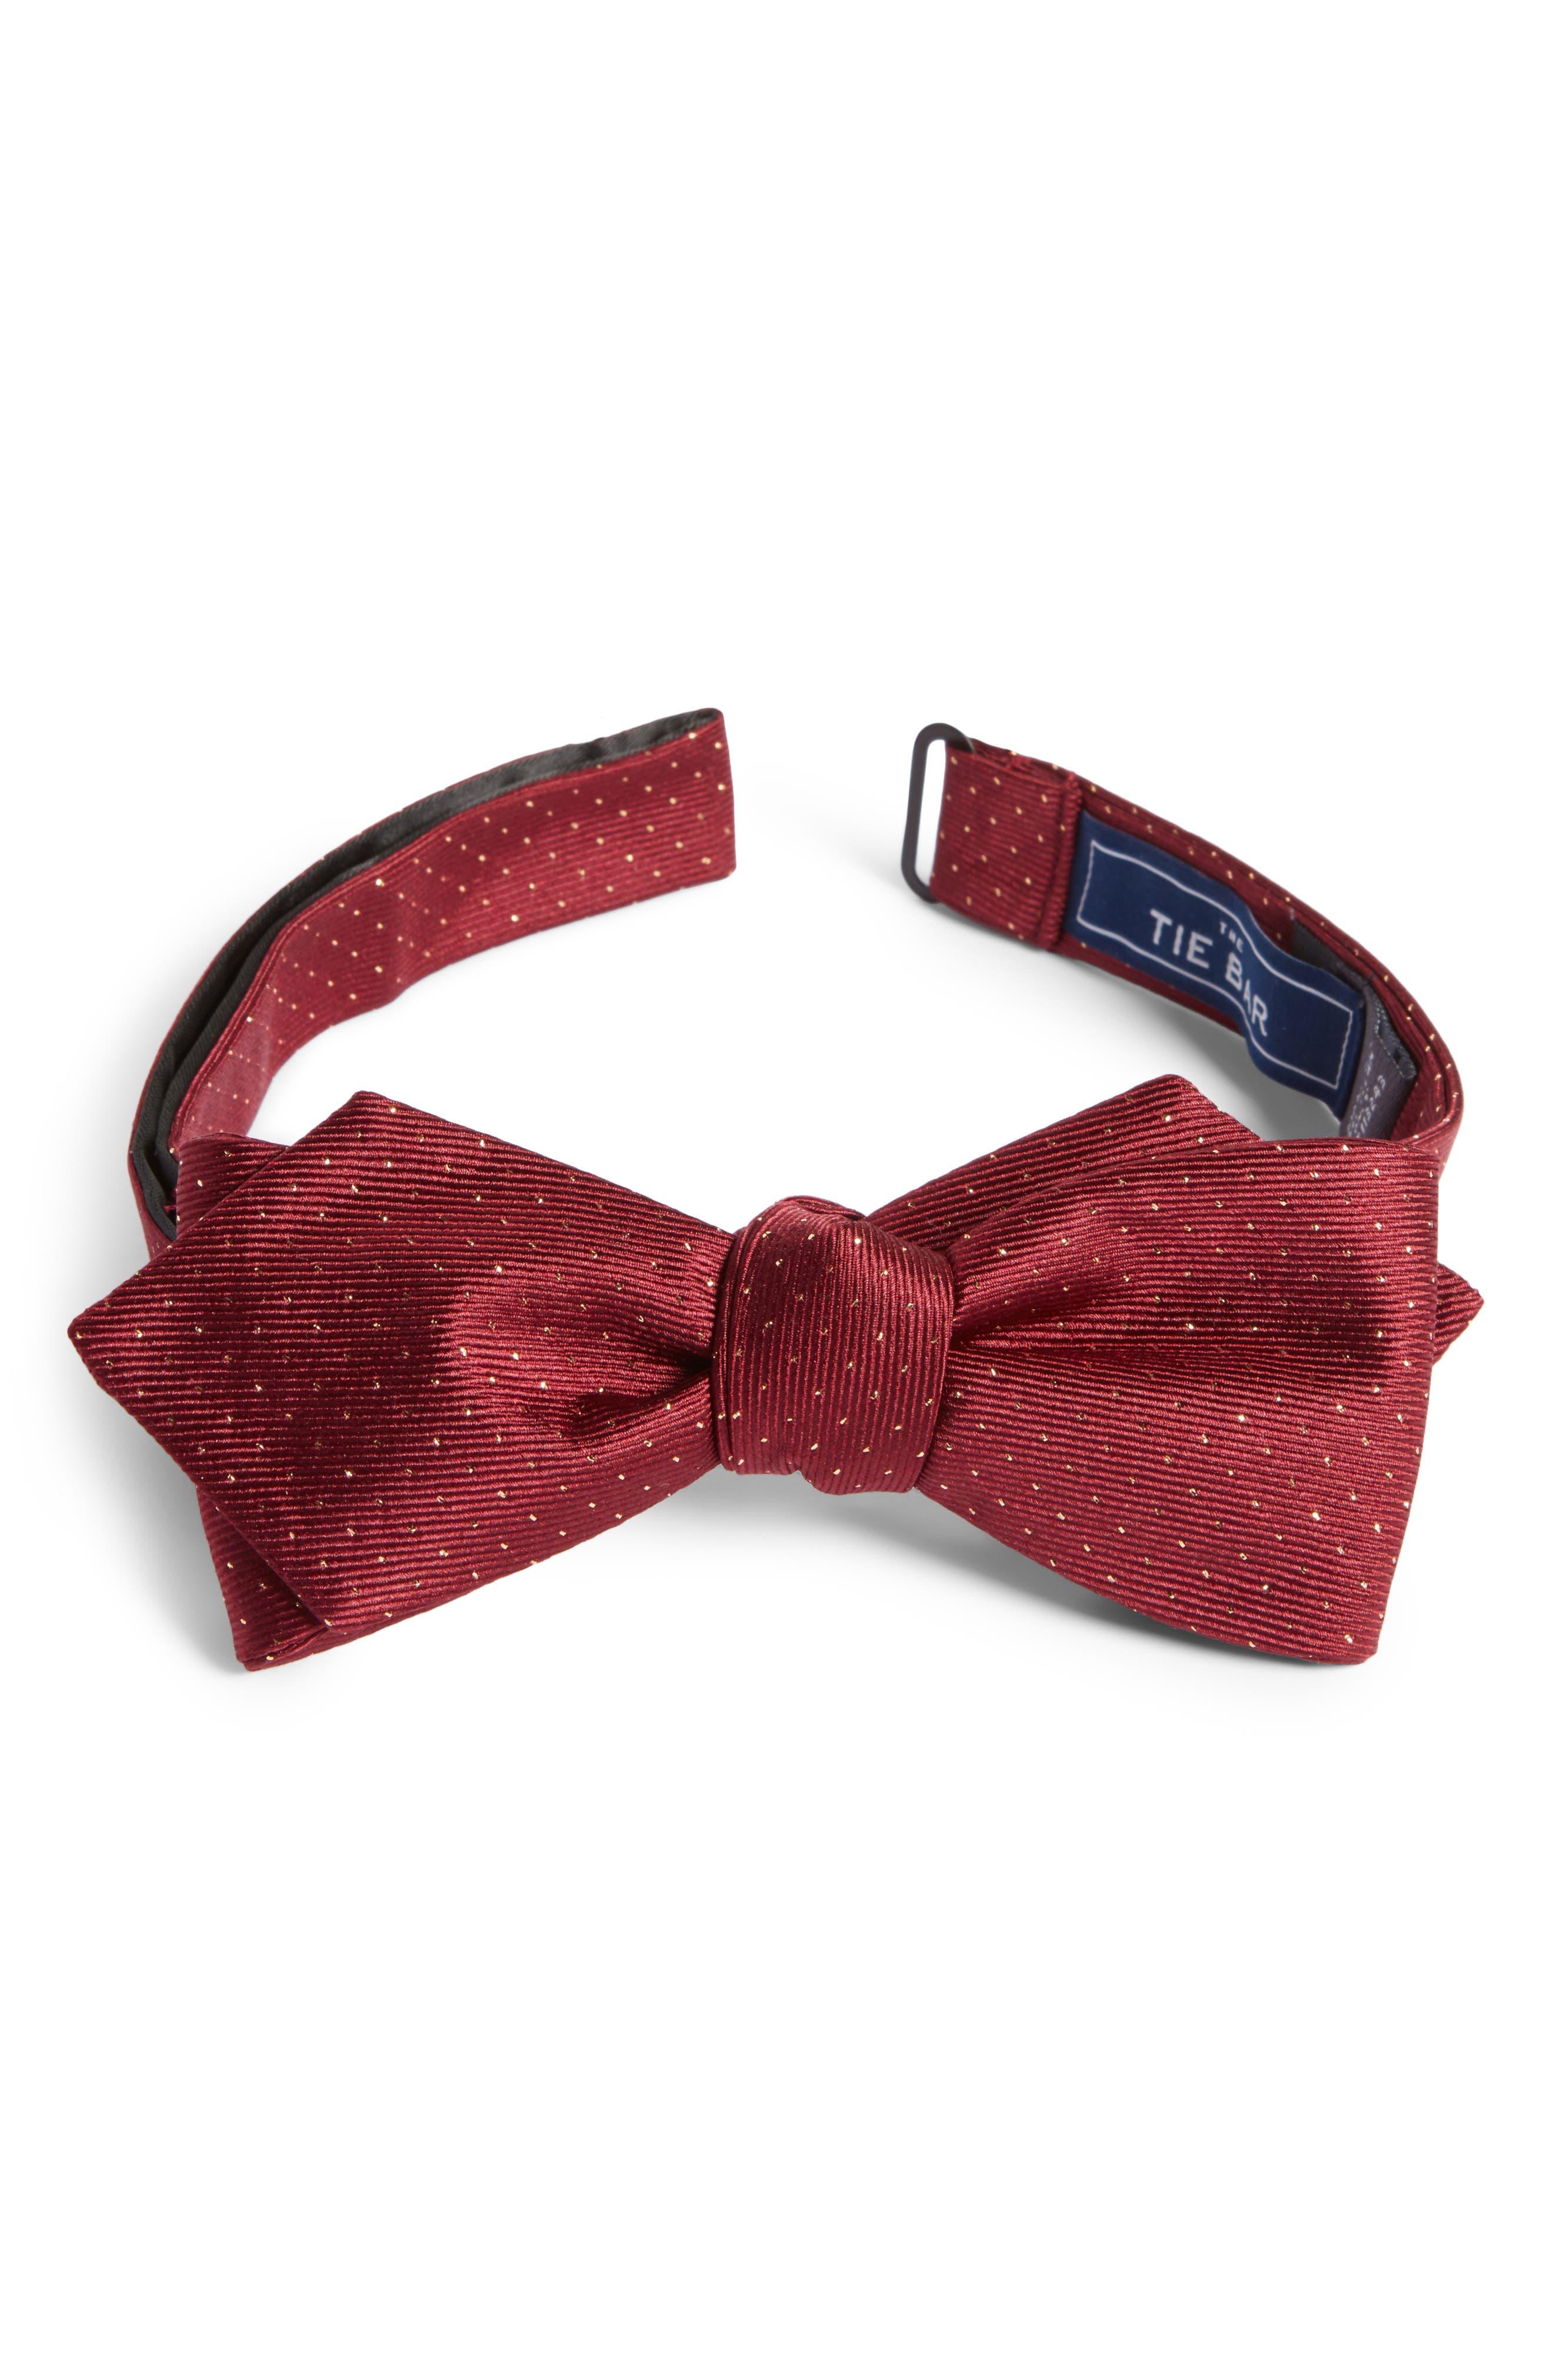 Flicker Self Bow Tie,                         Main,                         color, Burgundy